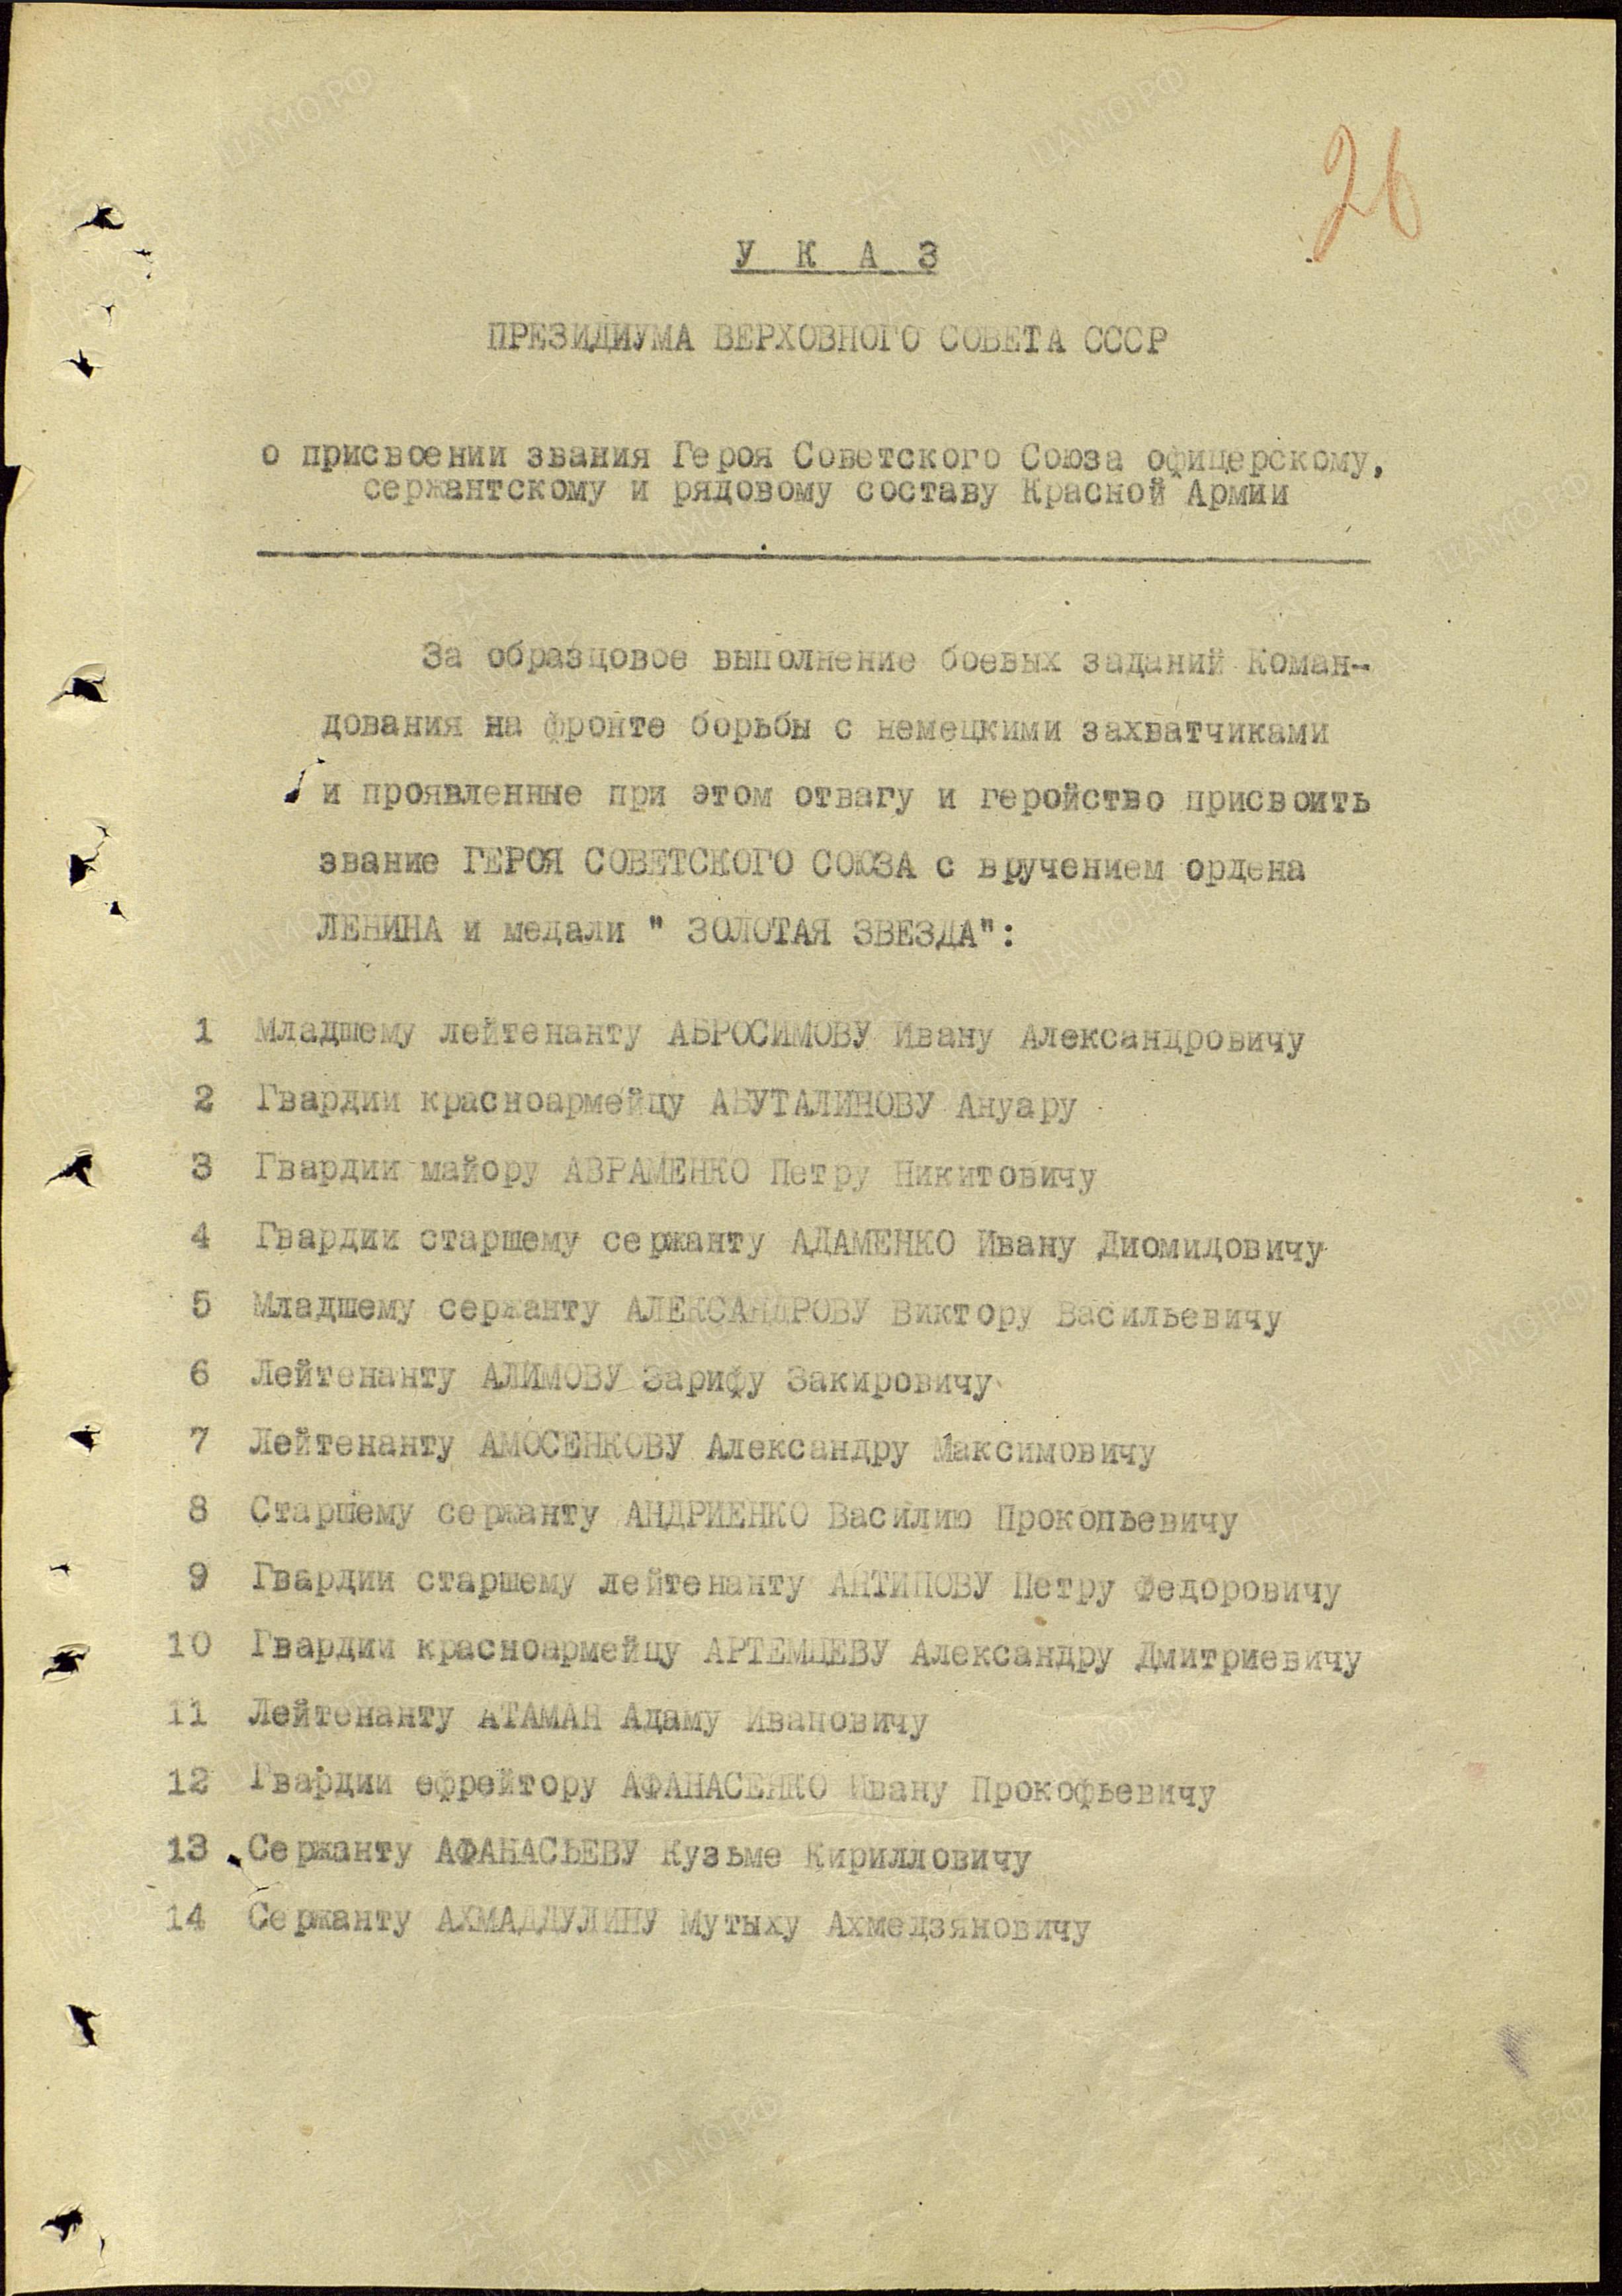 6. Указ Президиума Верховного Совета СССР